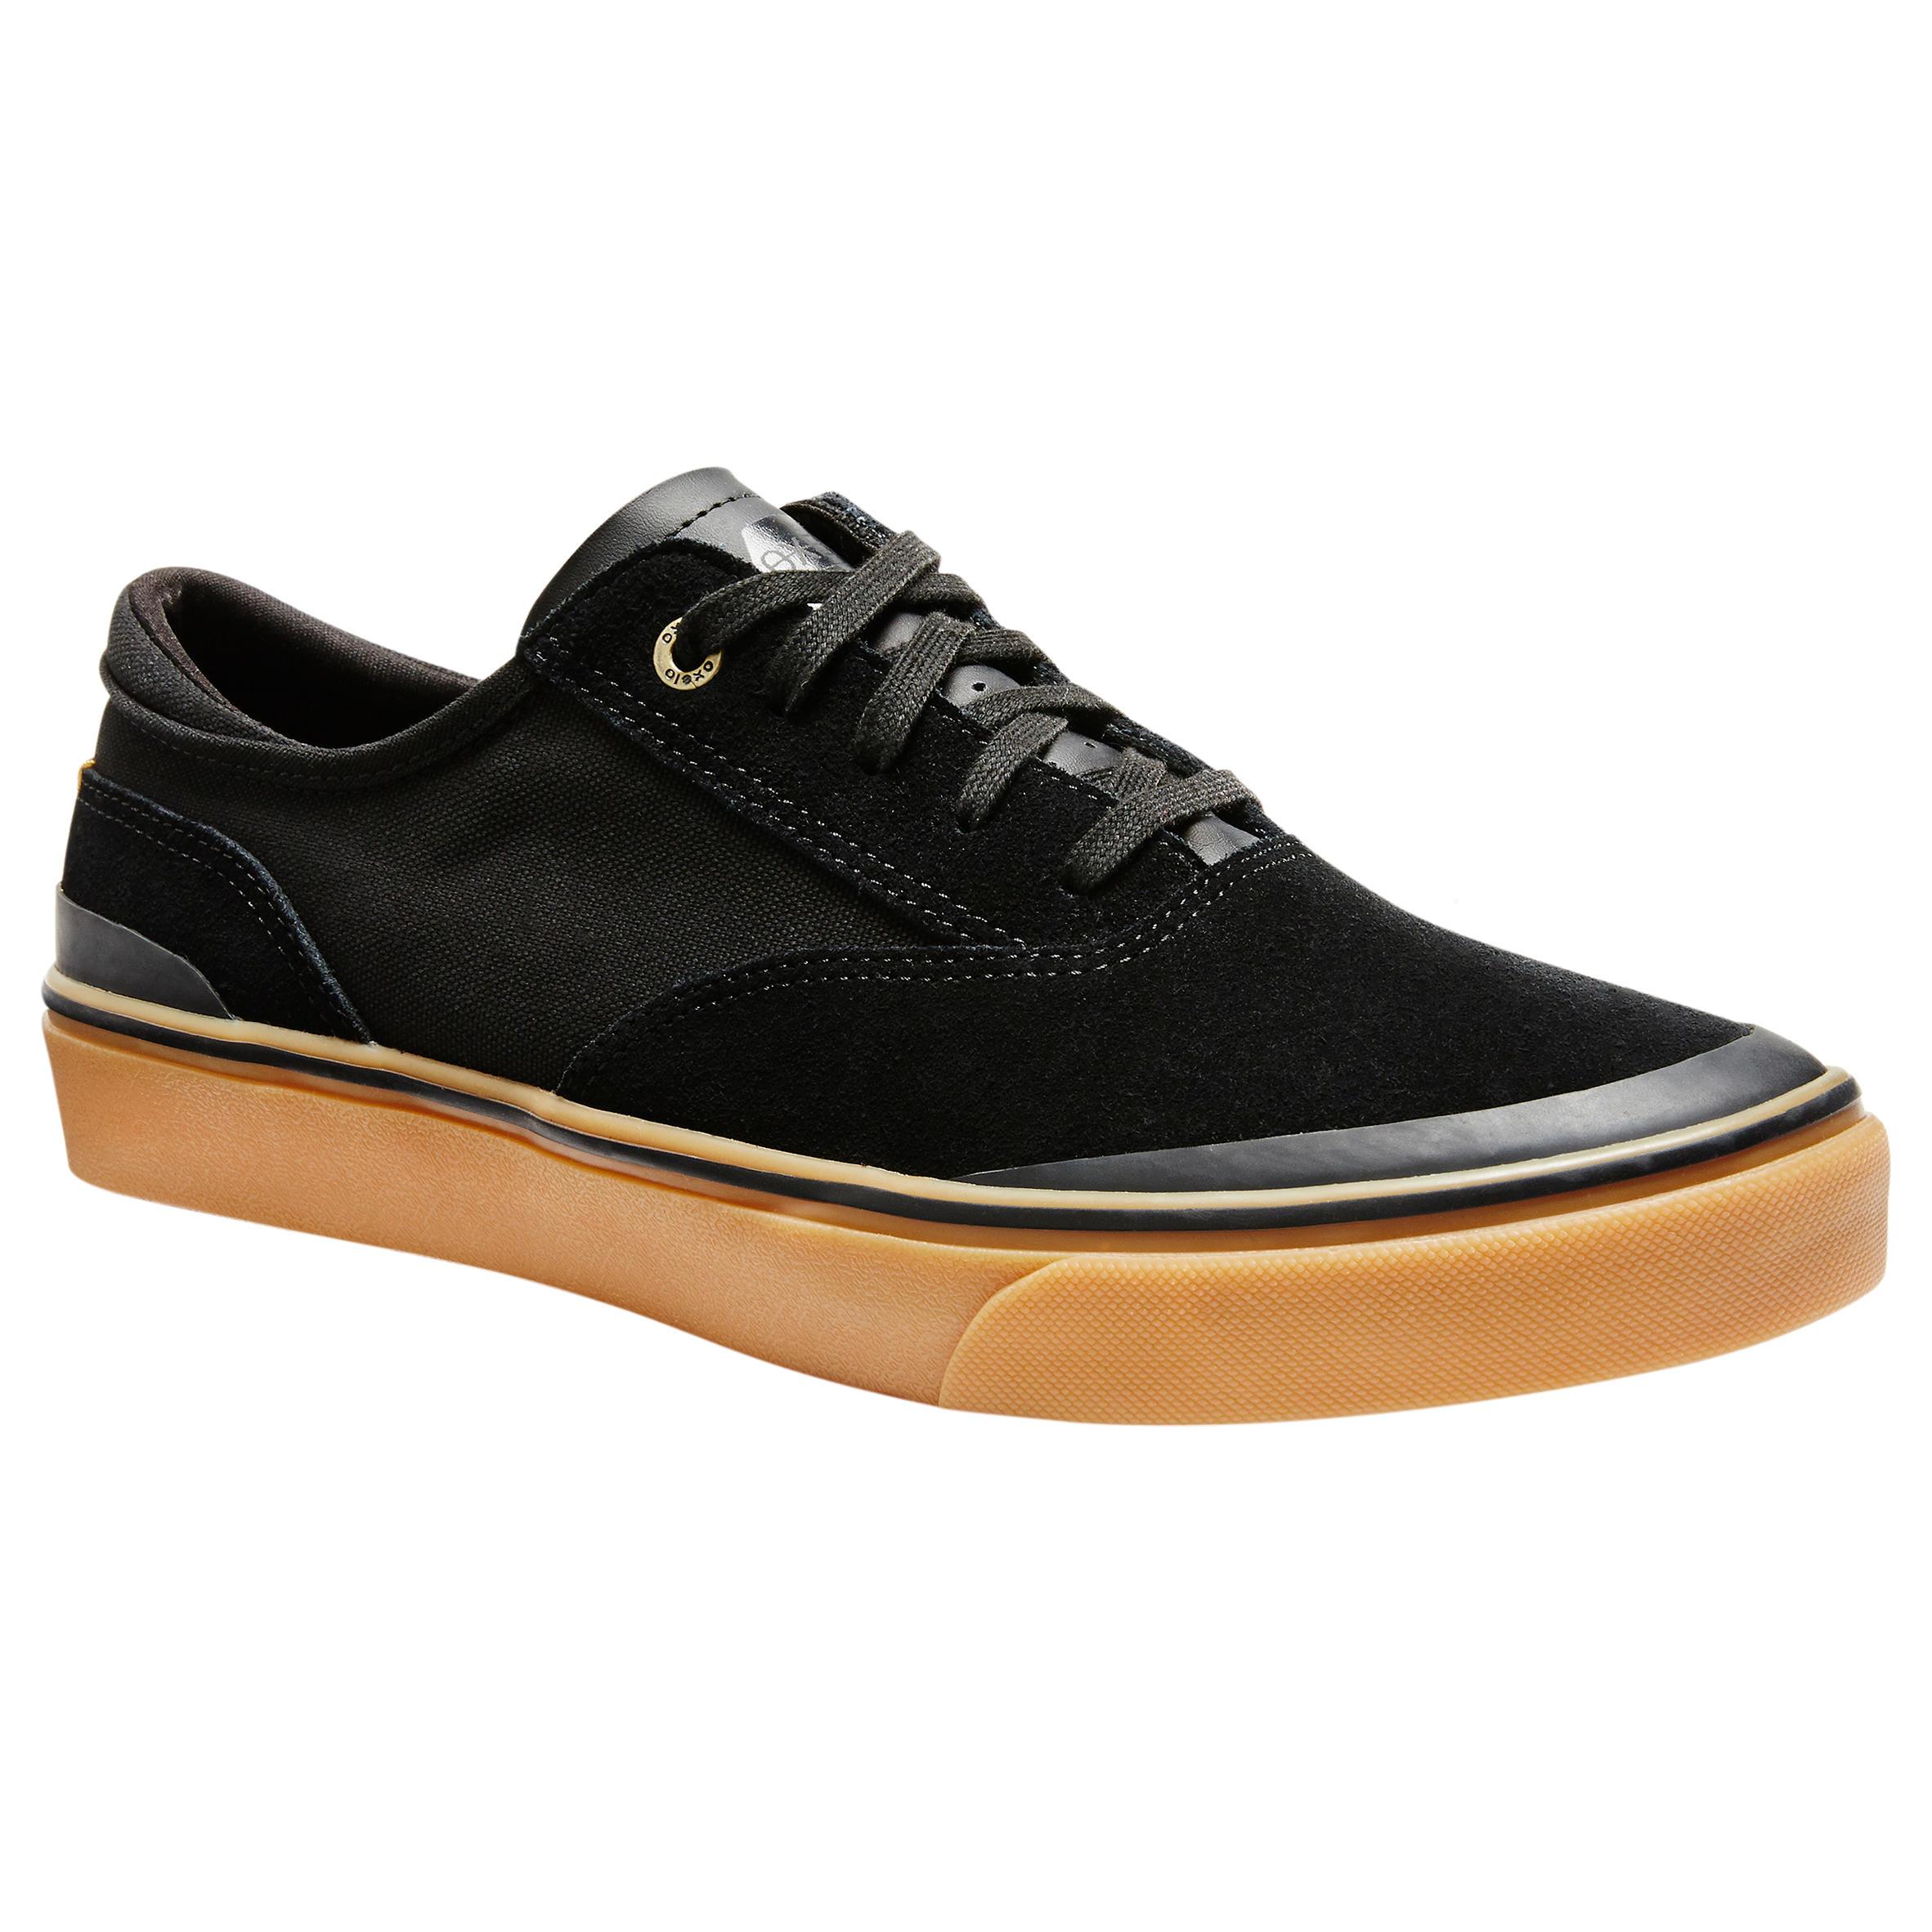 Chaussures basses de planche à roulettes adulte VULCA 500 noire / gomme